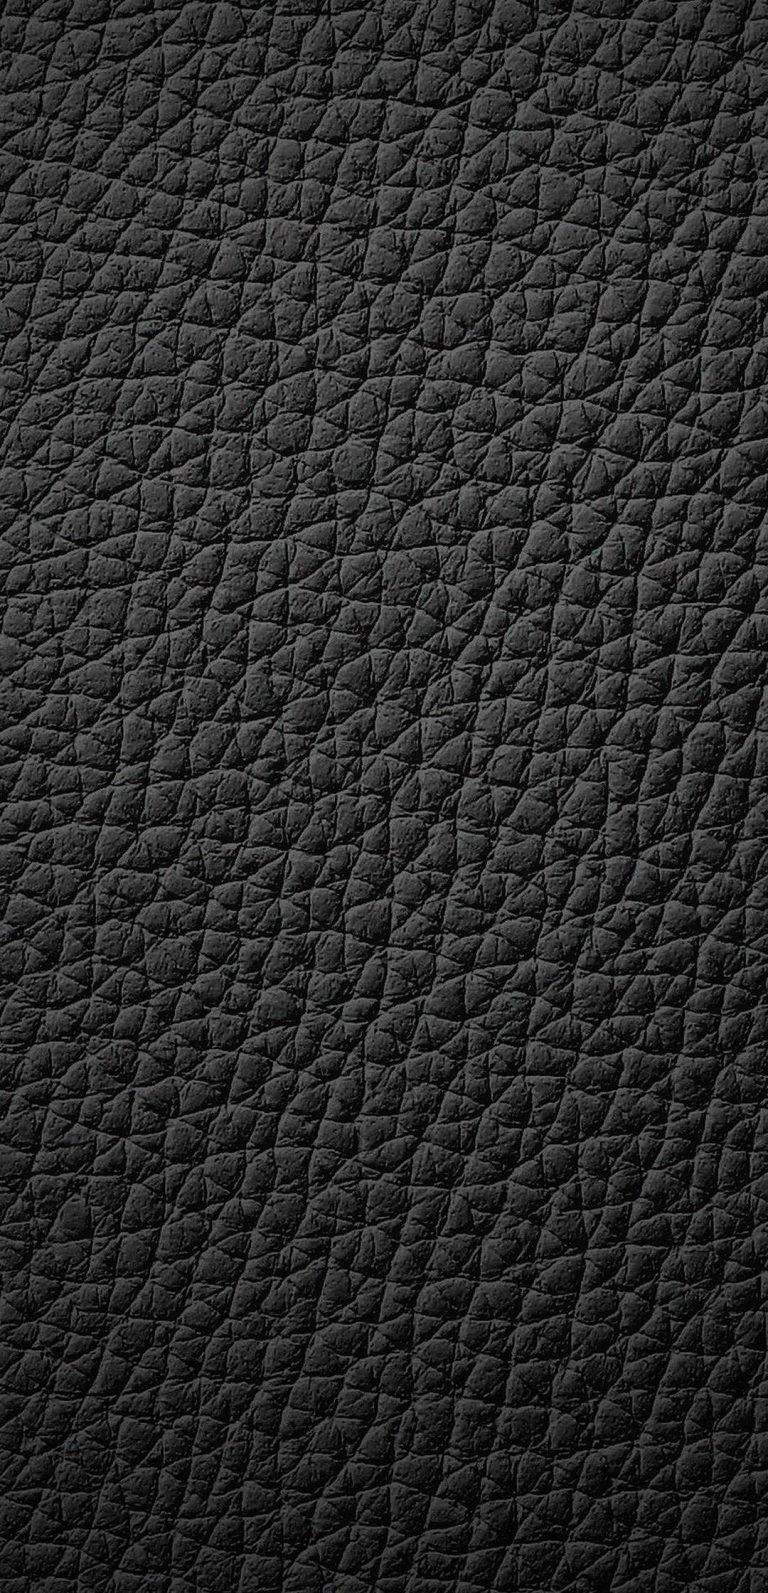 1080x2240 Wallpaper 020 768x1593